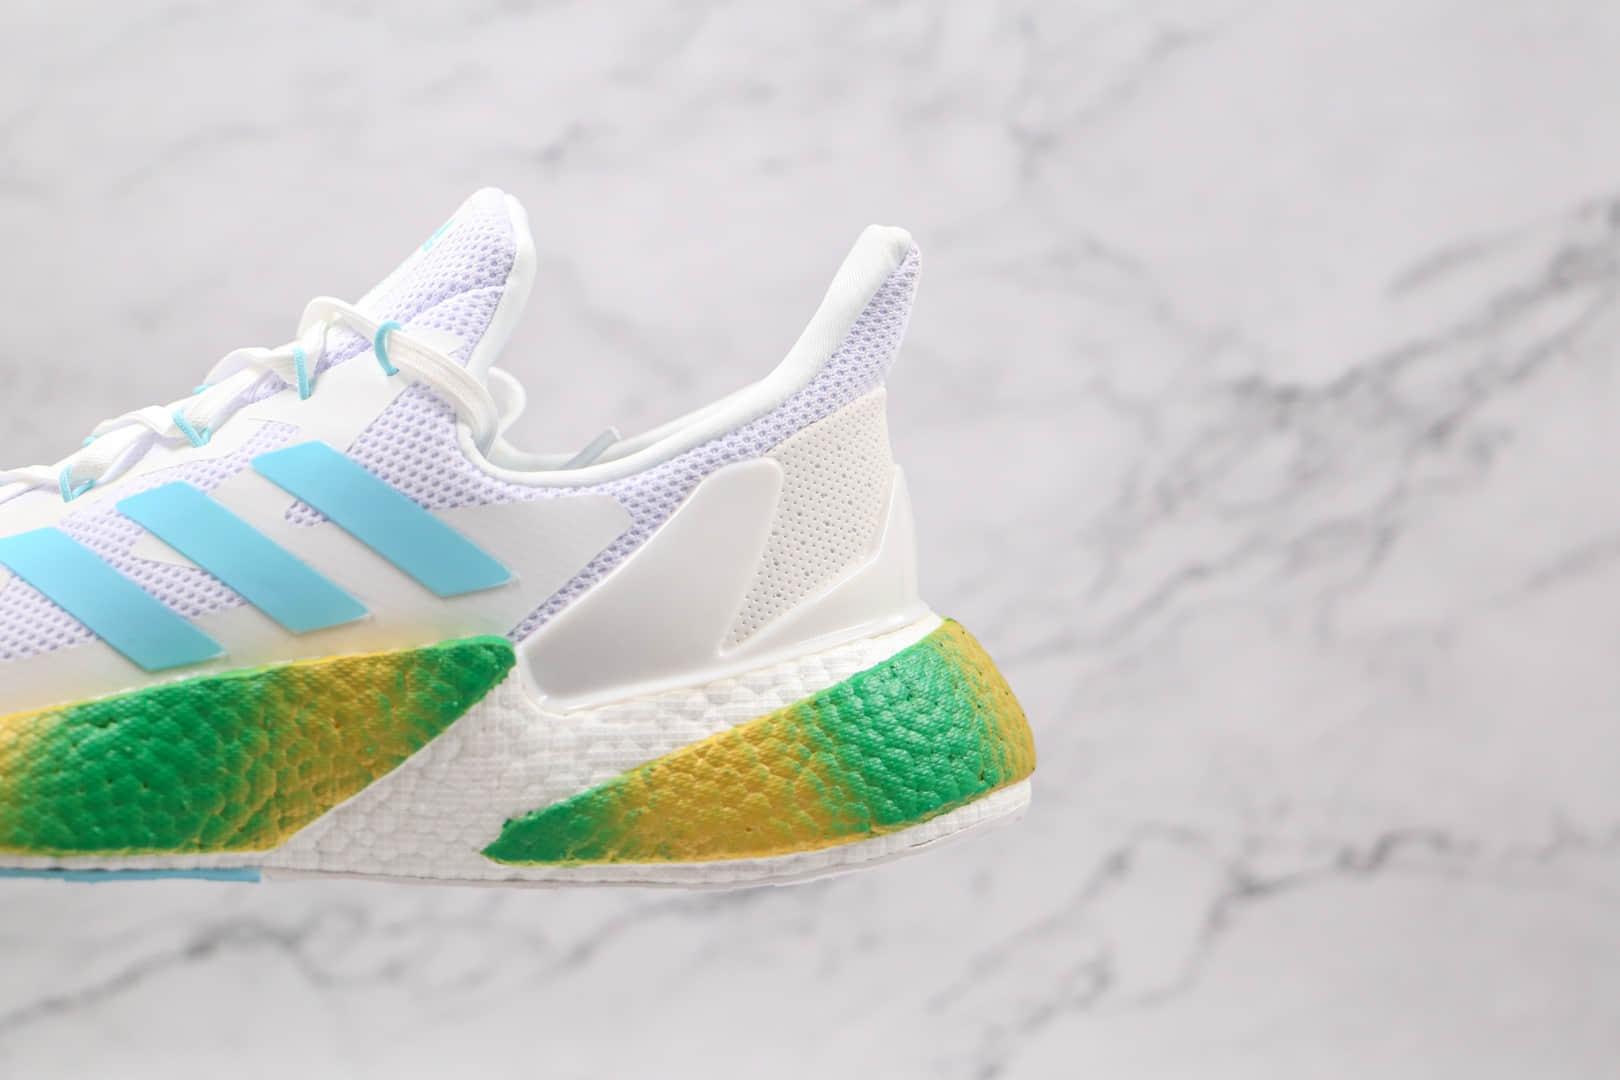 阿迪达斯Adidas X9000L4 Boost纯原版本爆米花跑鞋X9000L4灰白绿色原档案数据开发 货号:FY3230